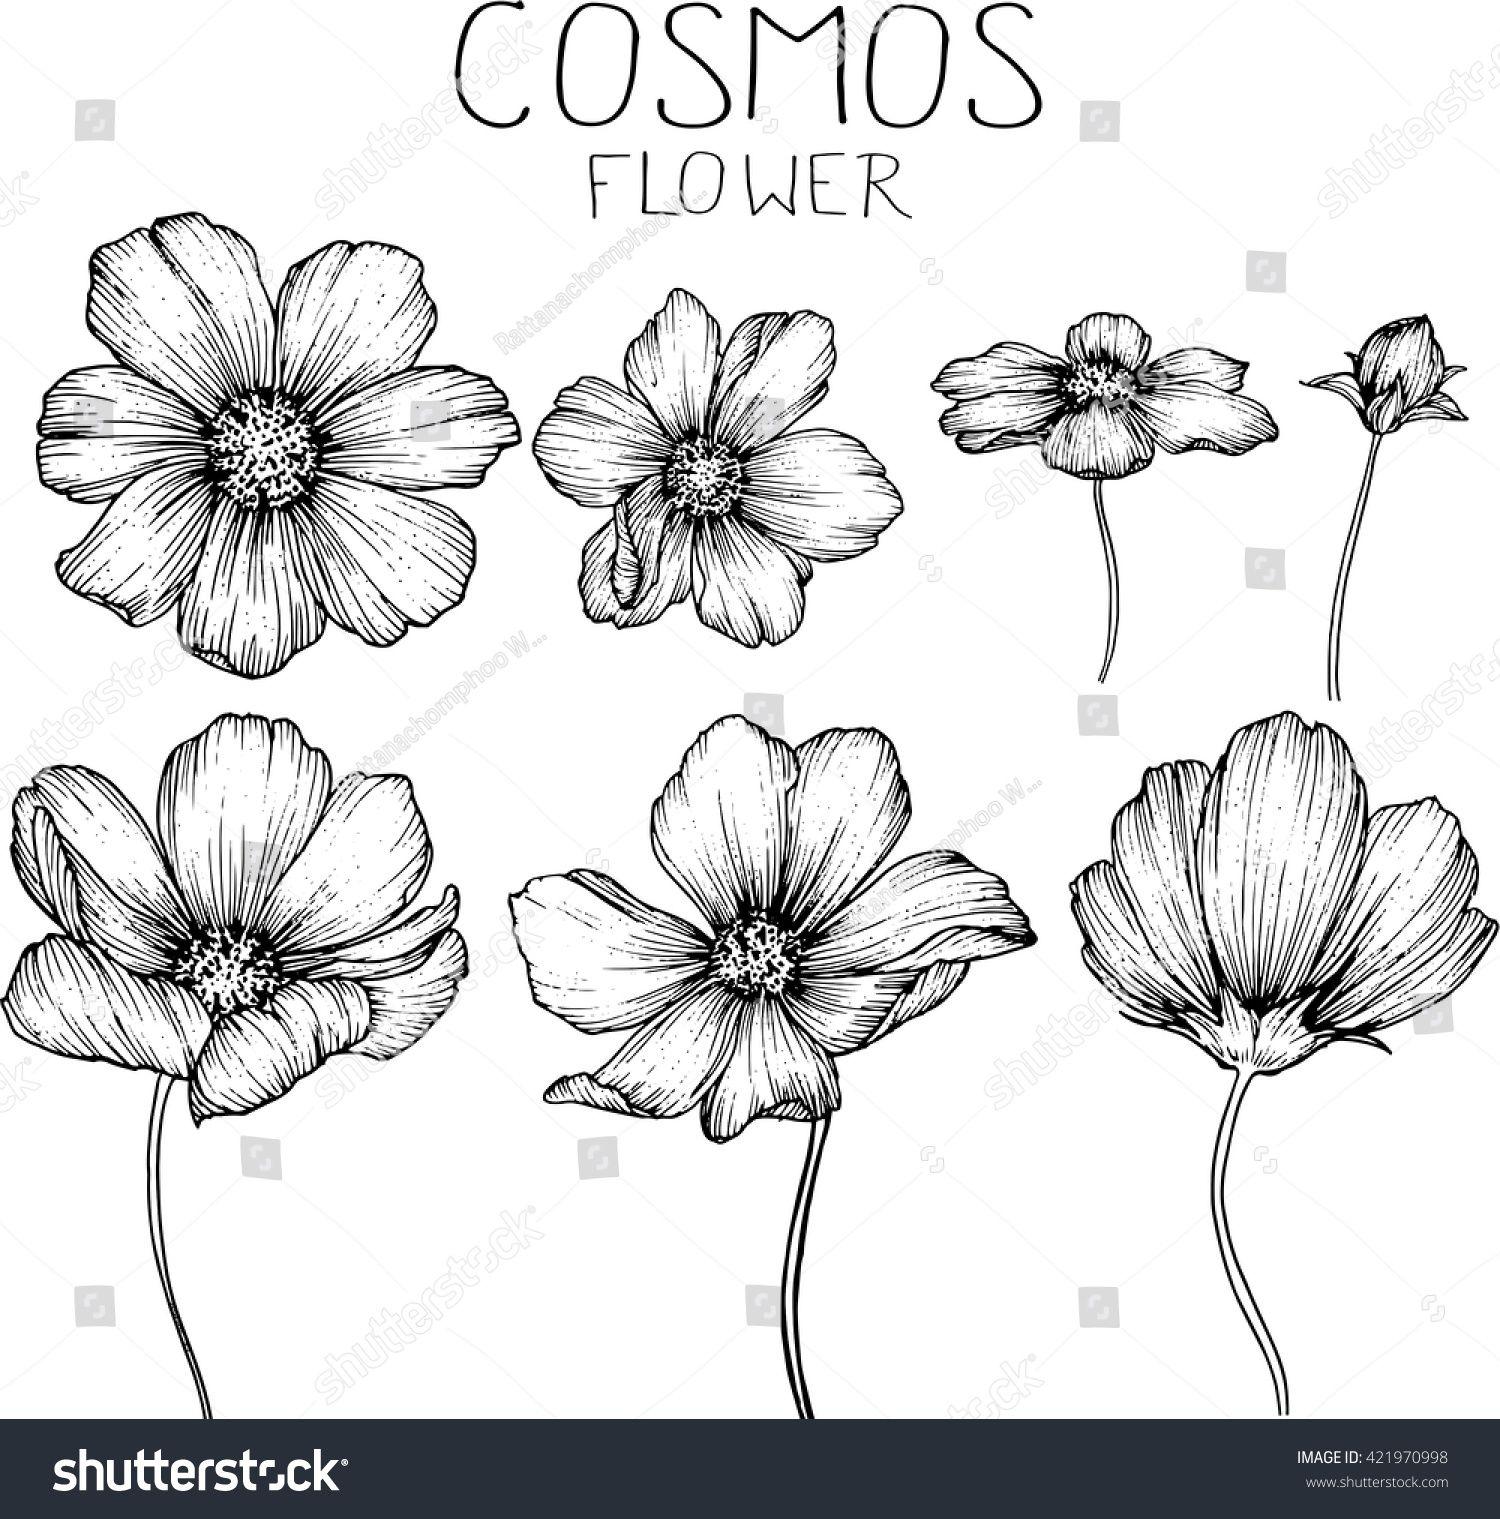 Cosmos Flowers Drawings Vector Sponsored Sponsored Flowers Cosmos Vector Drawings Blumen Zeichnung Blumen Zeichnen Zeichnungen